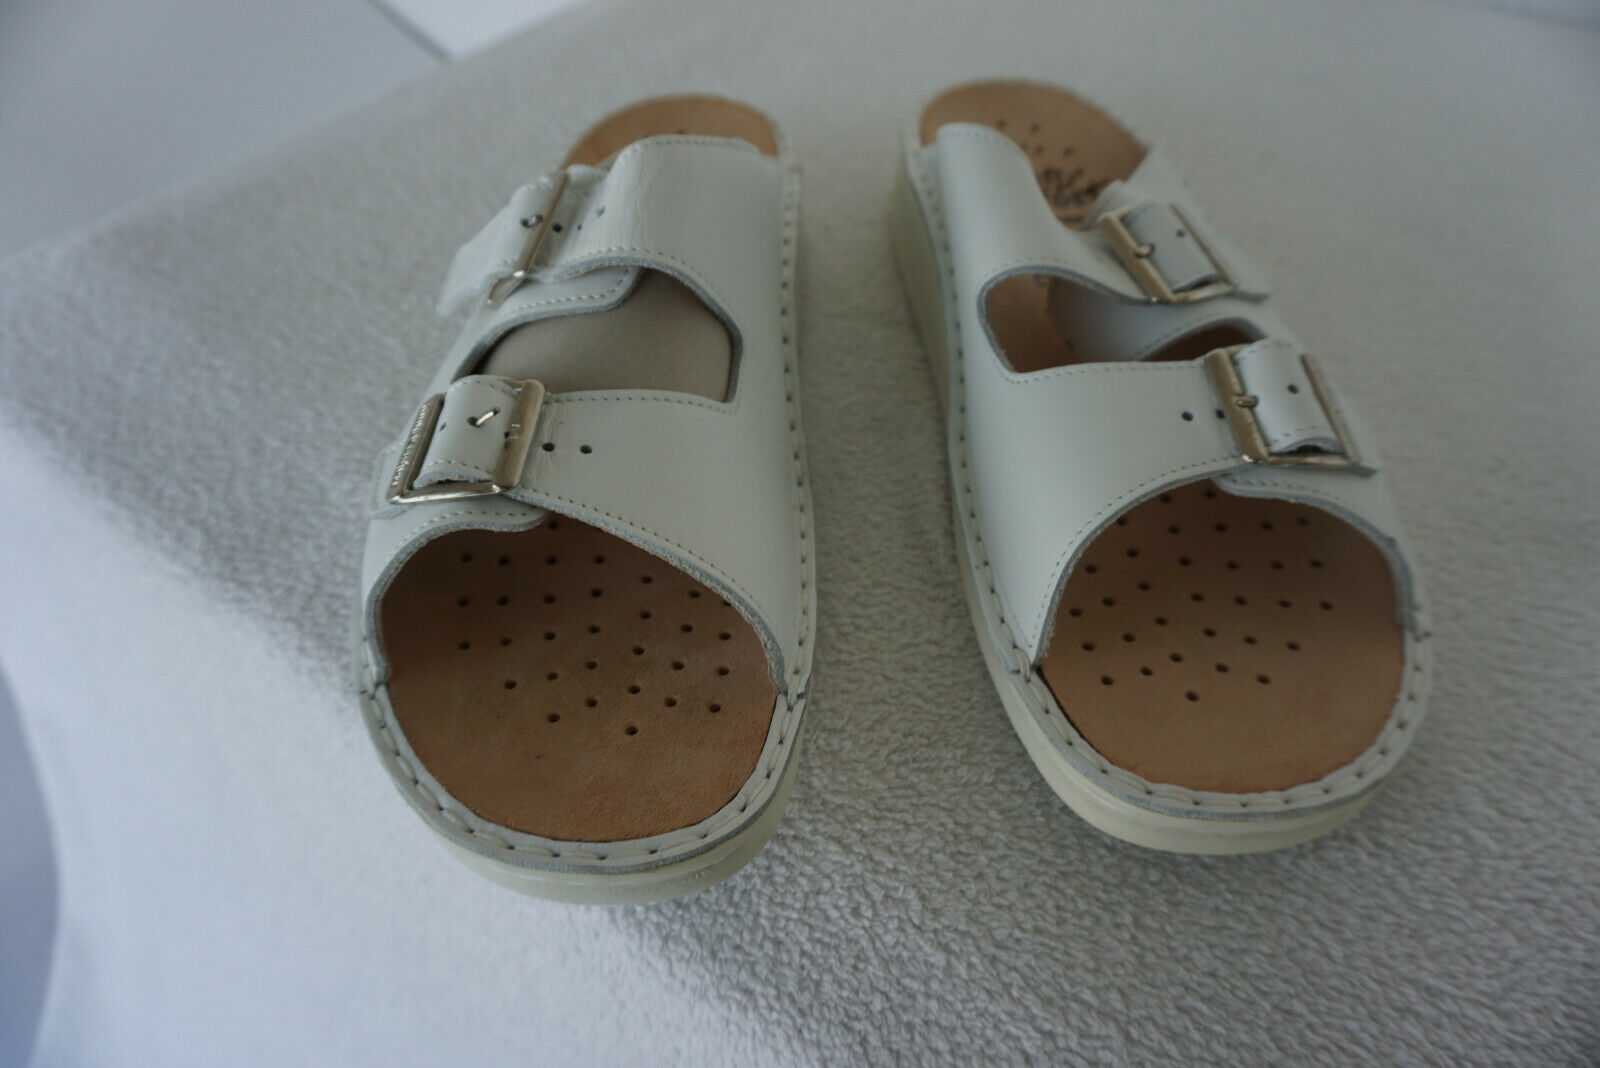 FINN COMFORT Crète Chaussures Hommes Sandales Cuir M dépôts taille 44 blanc pratique neuf